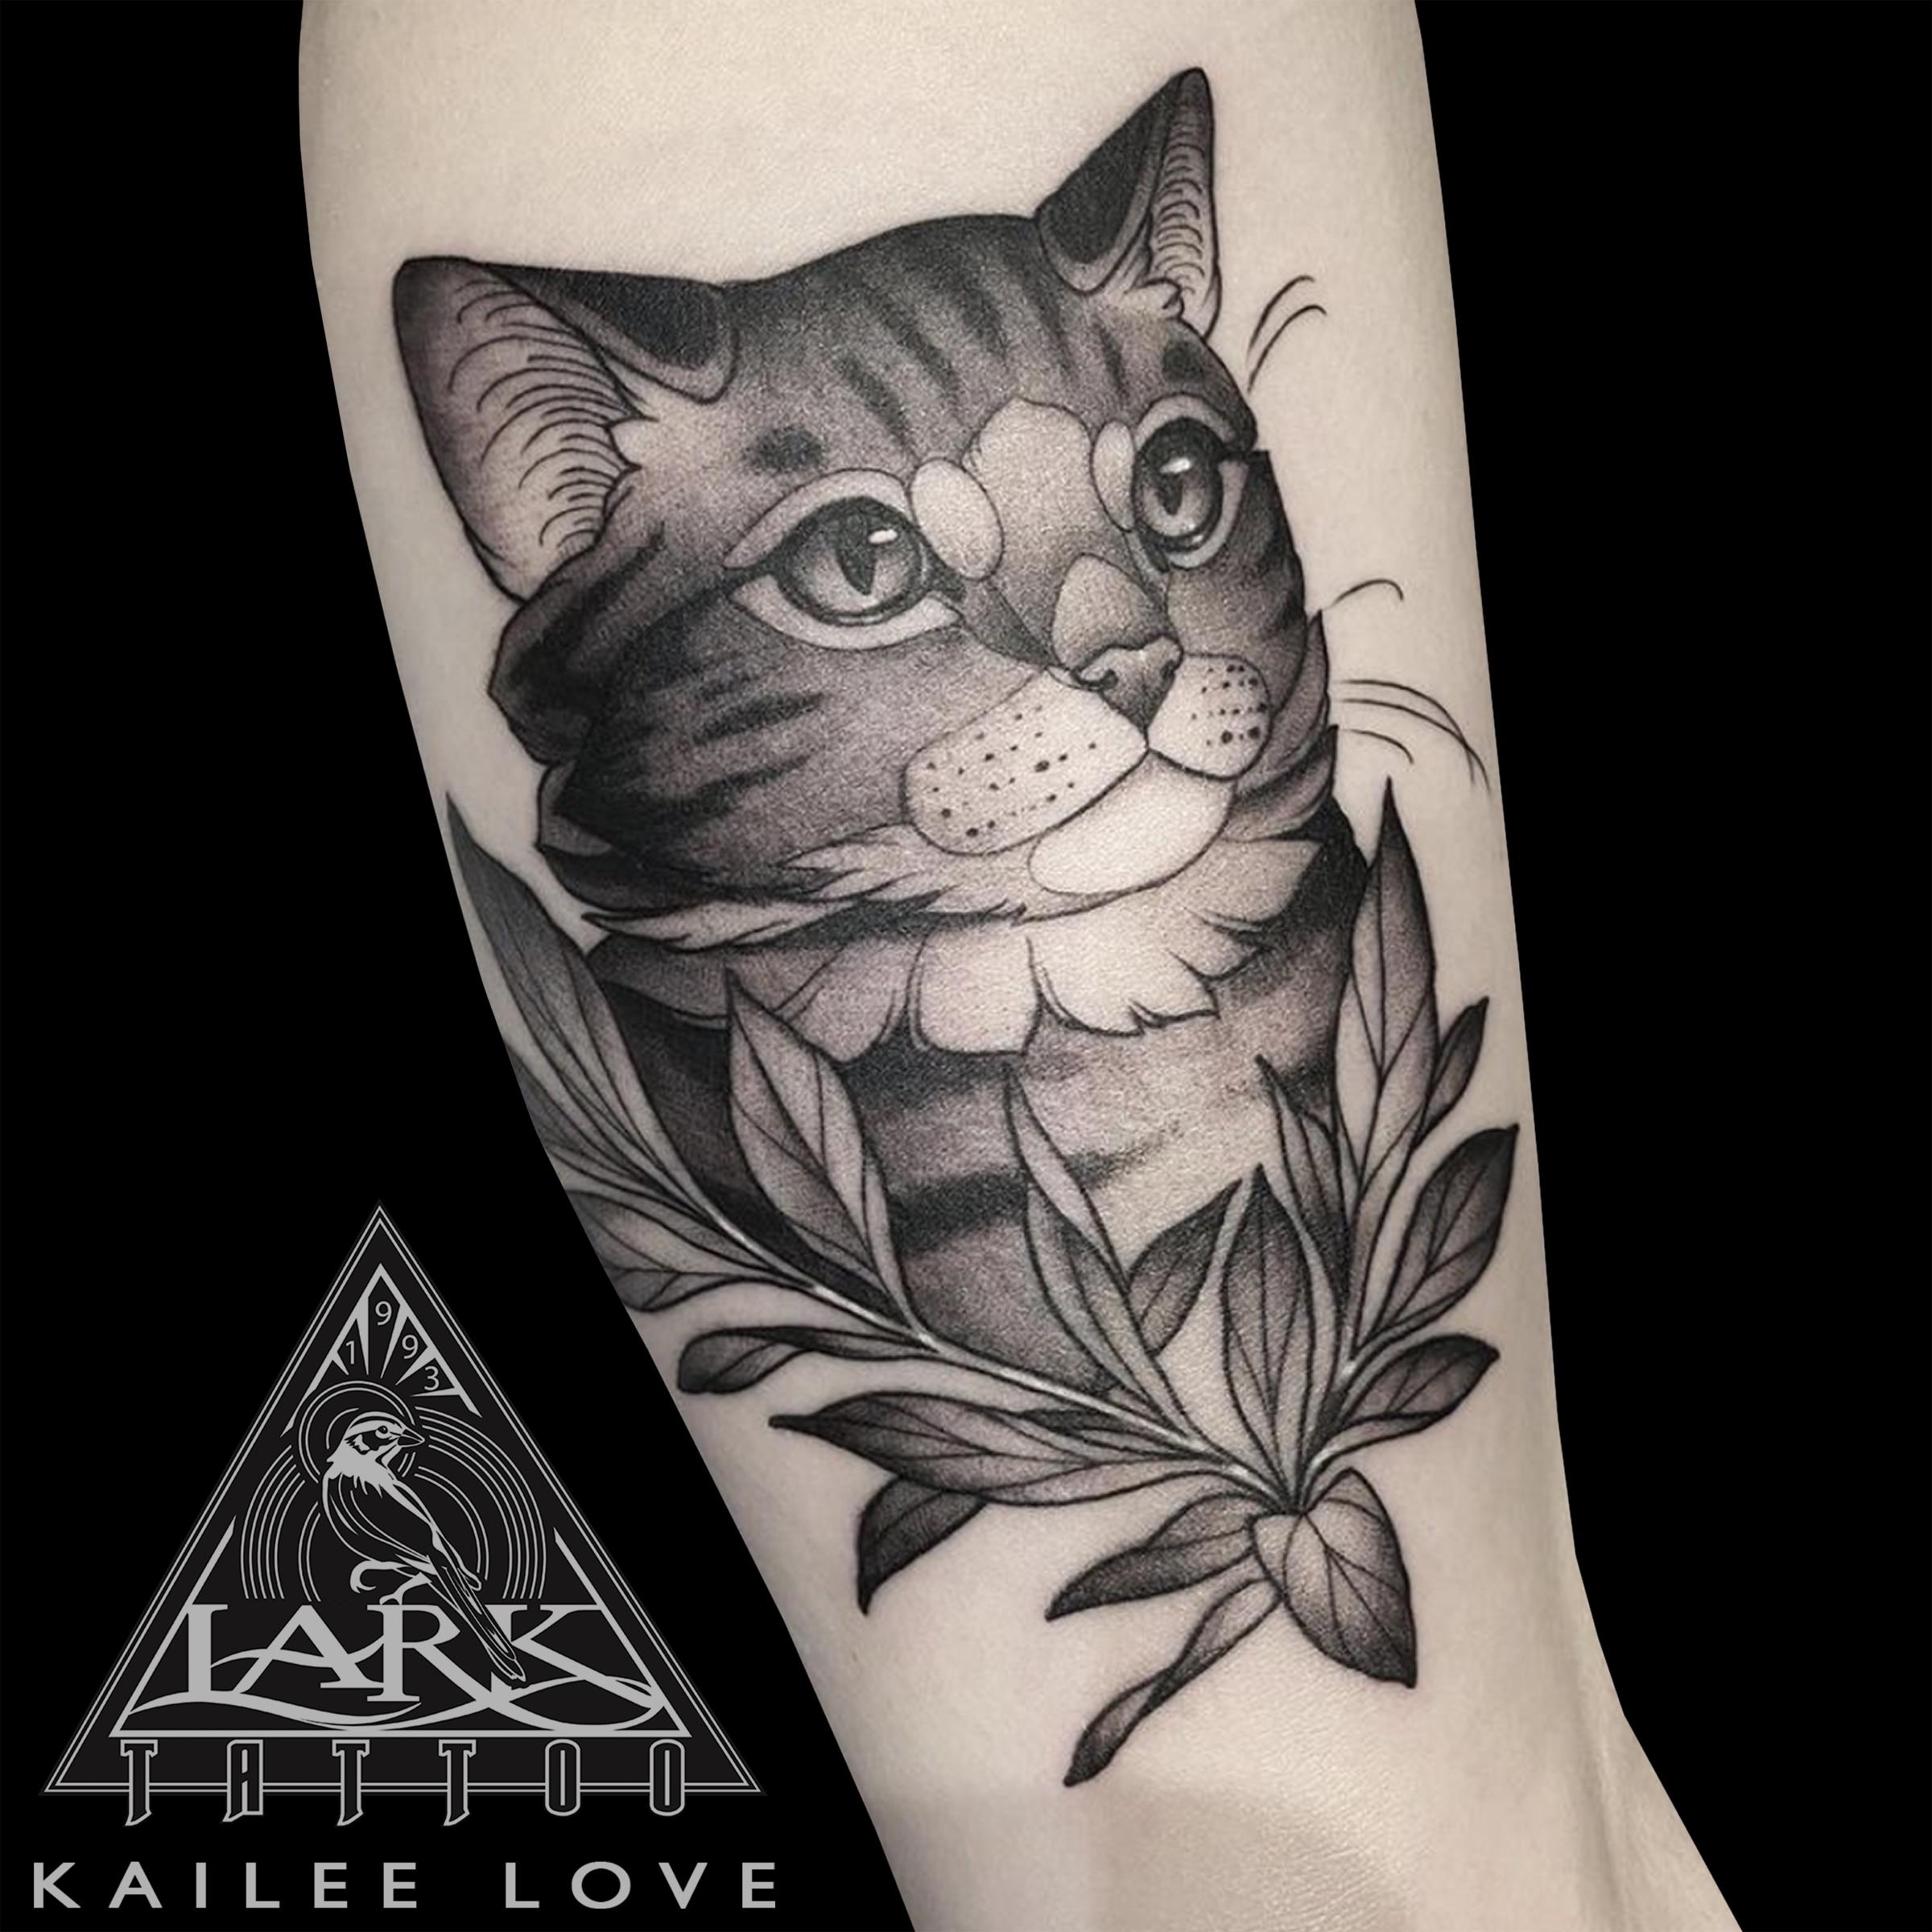 LarkTattoo, KaileeLove, KaileeLoveLarkTattoo, Tattoo, Tattoos, Cat, CatTattoo, Cattoo, AnimalTattoo, Pet, PetTattoo, Feline, FelineTattoo, FemaleArtist, FemaleTattooer, FemaleTattooArtist, LadyTattooer, BNG, BNGTattoo, BlackAndGray, BlackAndGrayTattoo, BlackAndGrey, BlackAndGreyTattoo, TattooArtist, Tattoist, Tattooer, LongIslandTattooArtist, LongIslandTattooer, LongIslandTattoo, TattooOfTheDay, Tat, Tats, Tatts, Tatted, Inked, Ink, TattooInk, AmazingInk, AmazingTattoo, BodyArt, LarkTattooWestbury, Westbury, LongIsland, NY, NewYork, USA, Art, Tattedup, InkedUp, LarkTattoos